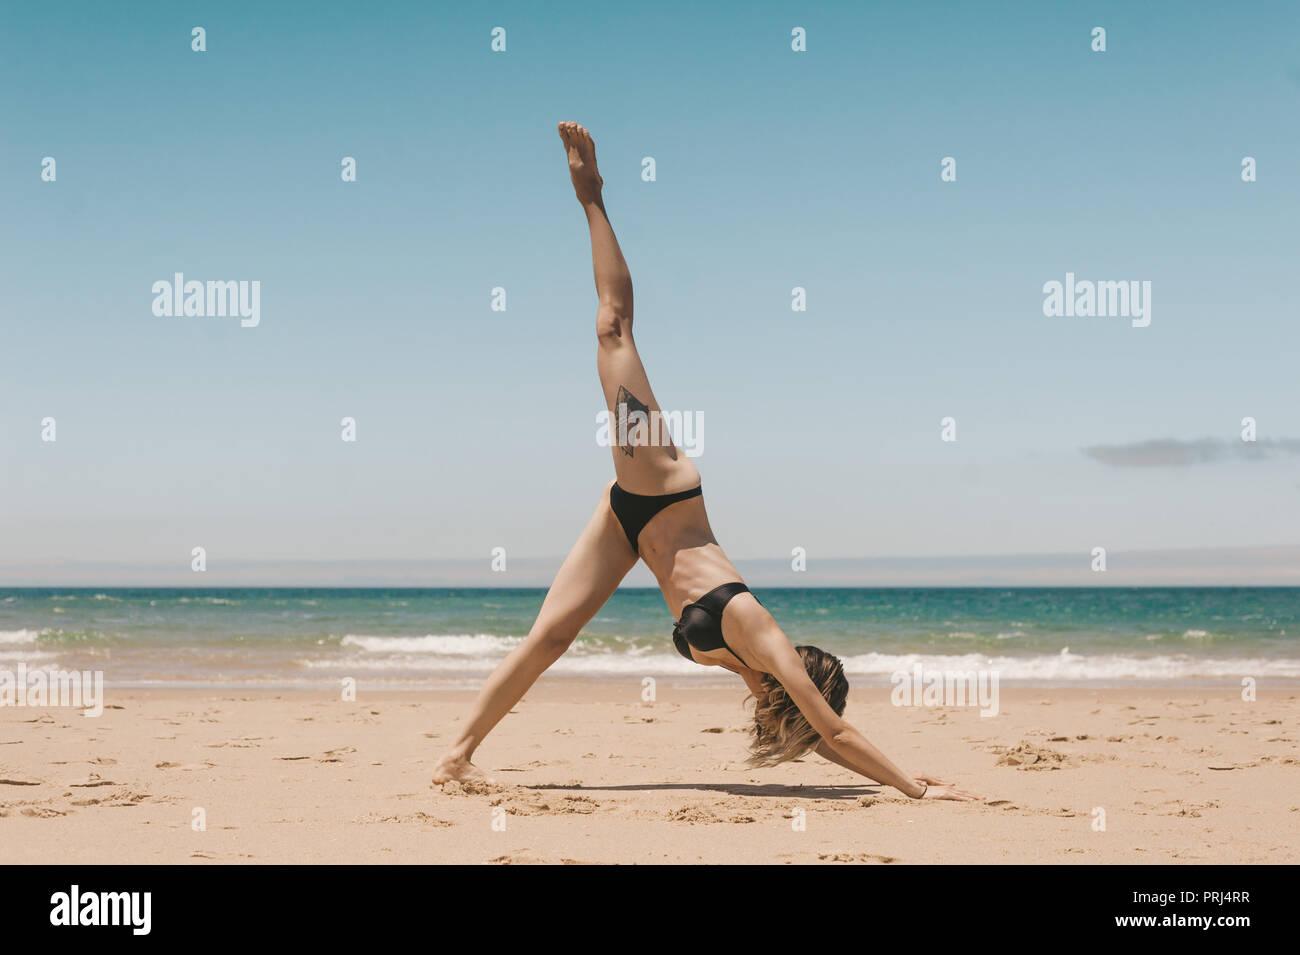 Seitenansicht der Frau in den nach unten schauenden Hund Üben Yoga pose am Sandstrand Stockbild